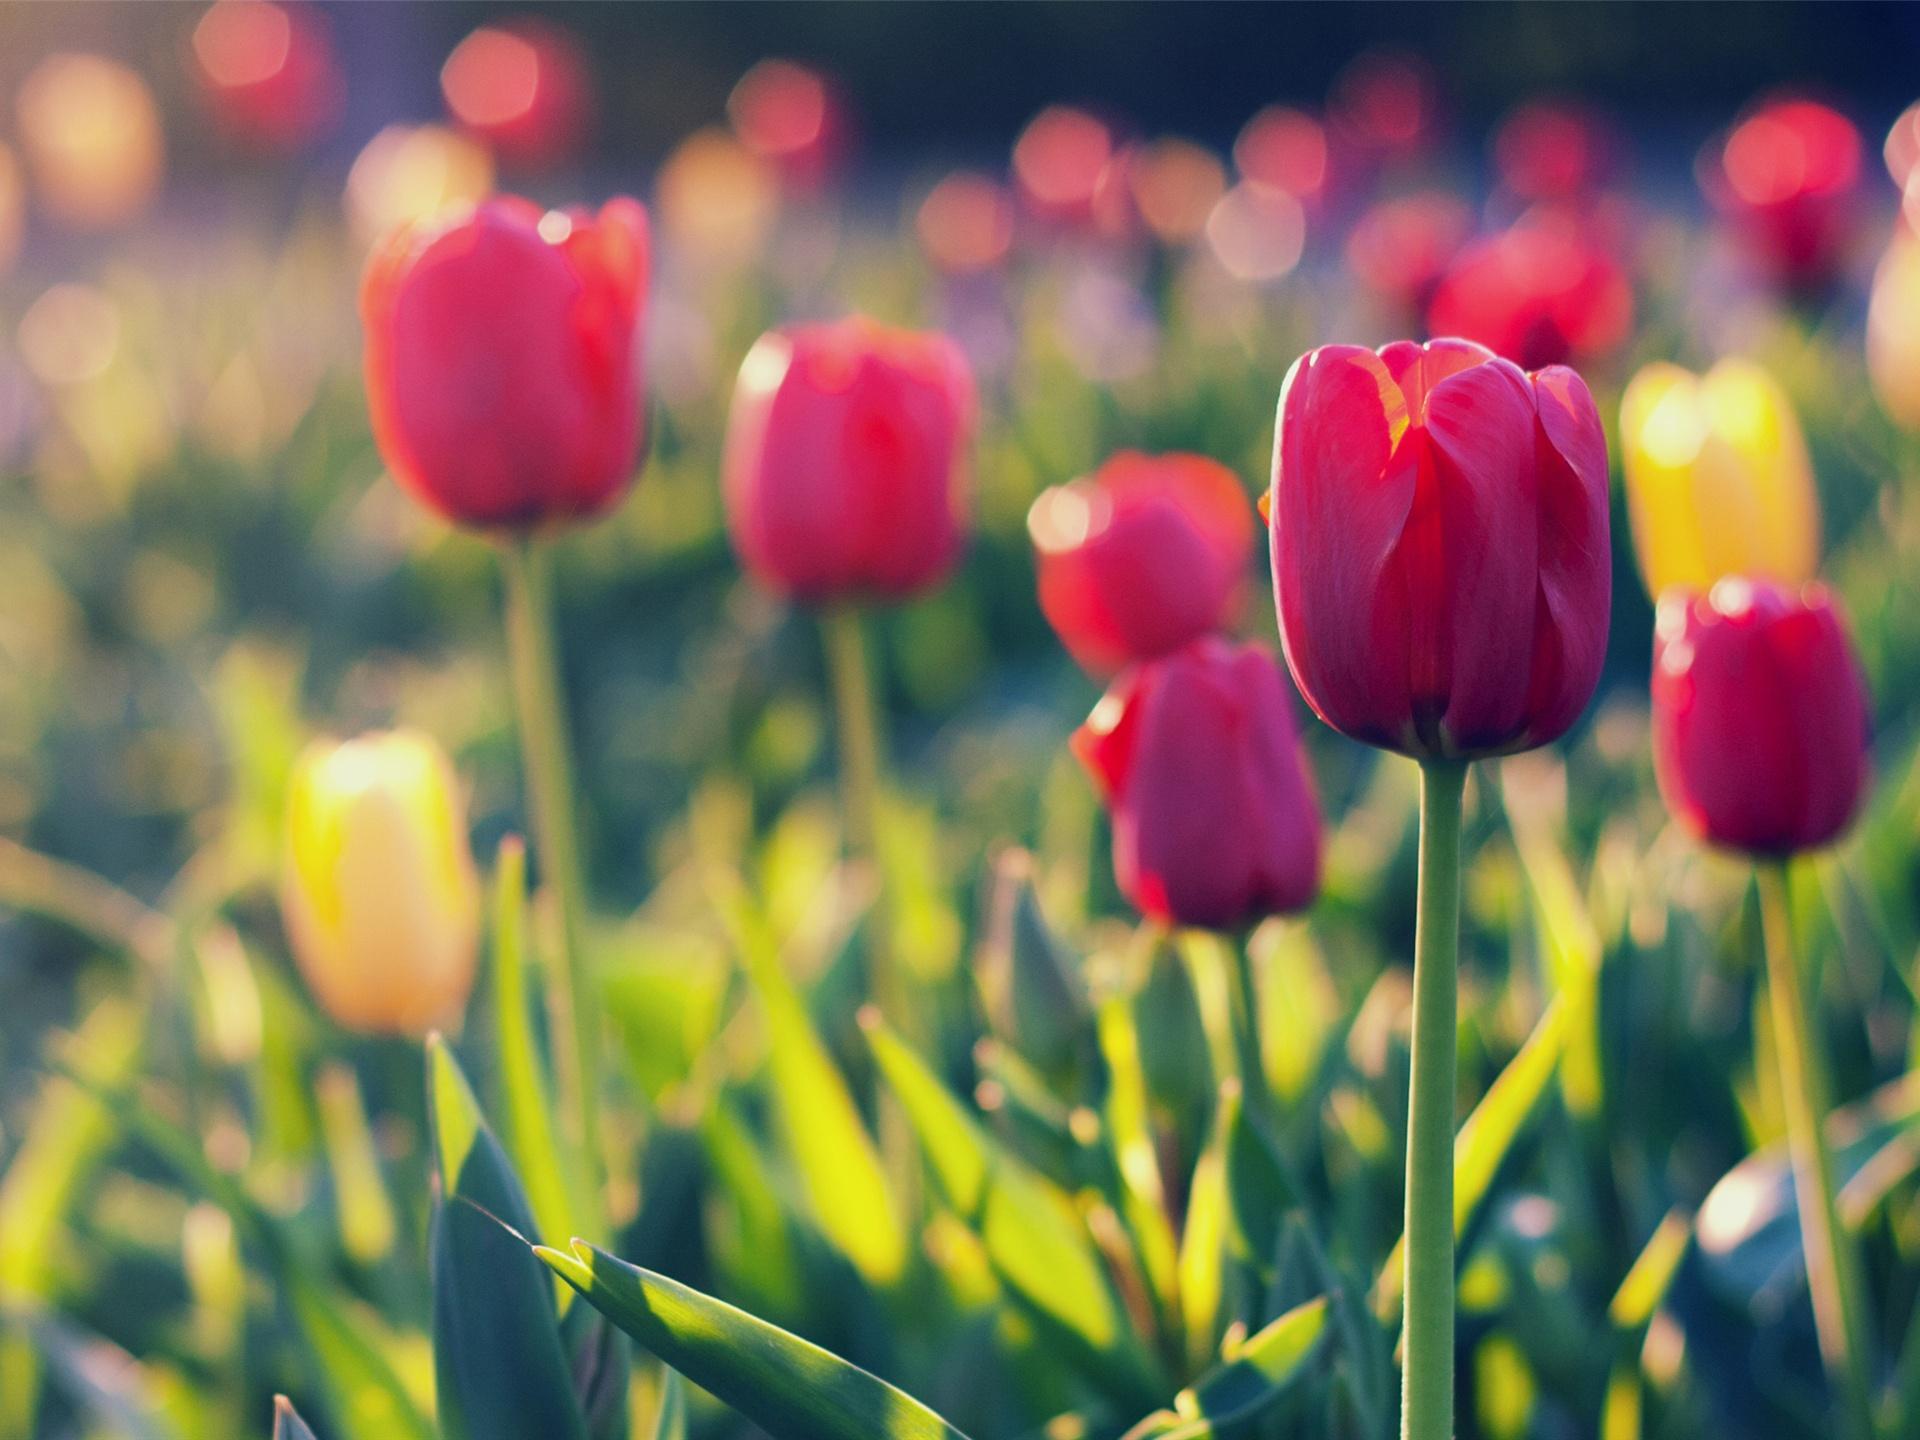 макро цветы красные природа тюльпаны  № 3286378 бесплатно